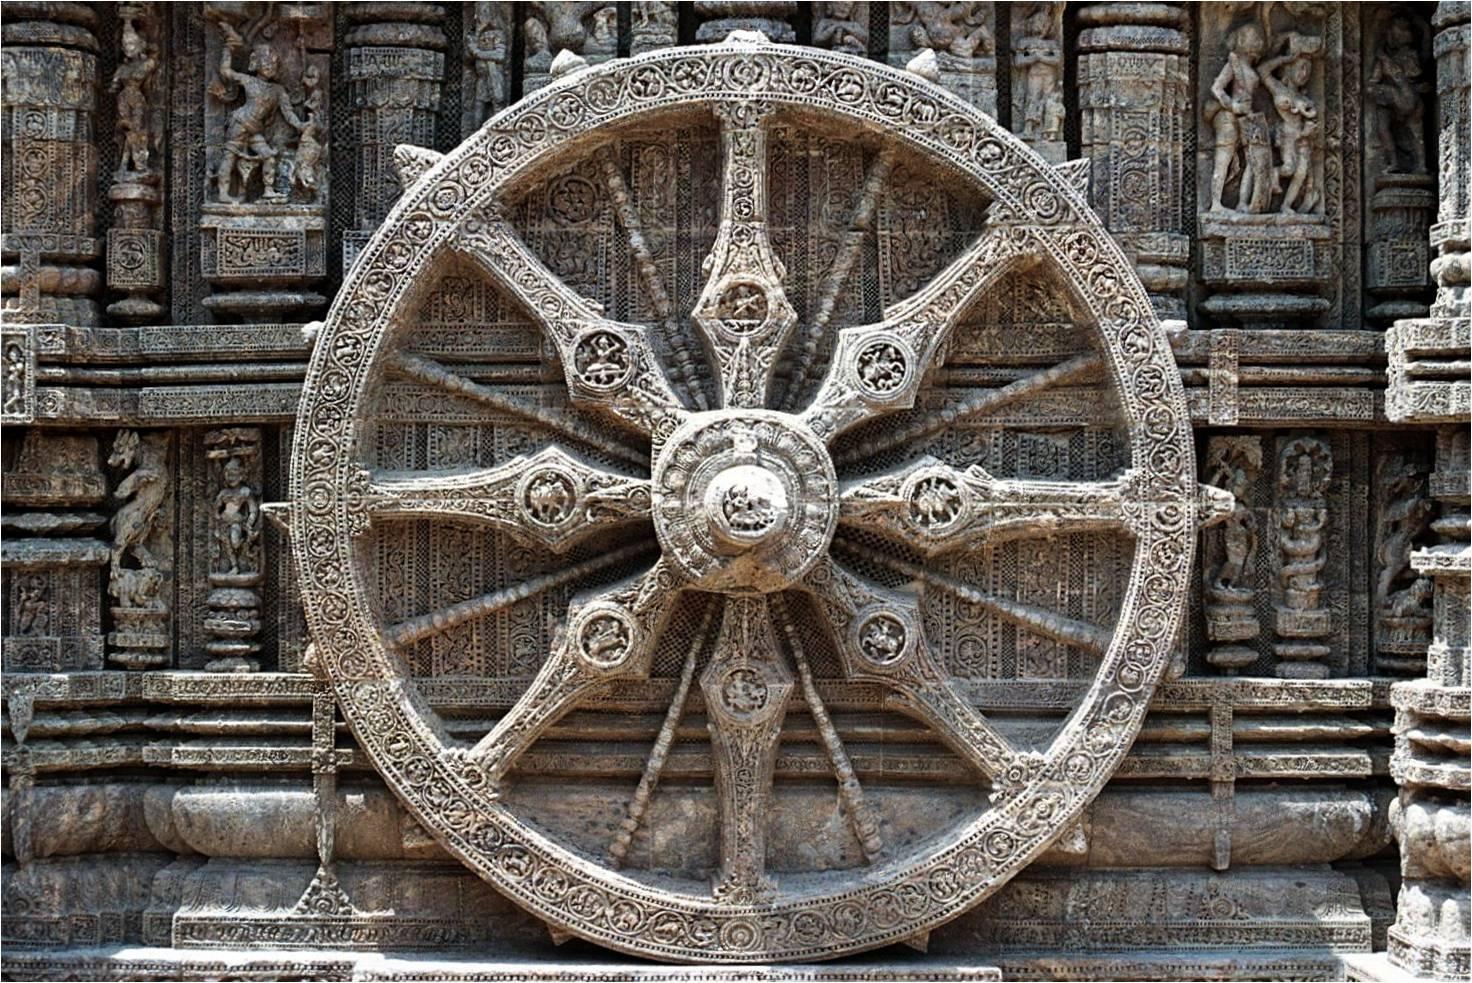 La roue du dharma, un symbol vieux d'il y a 2500 ans